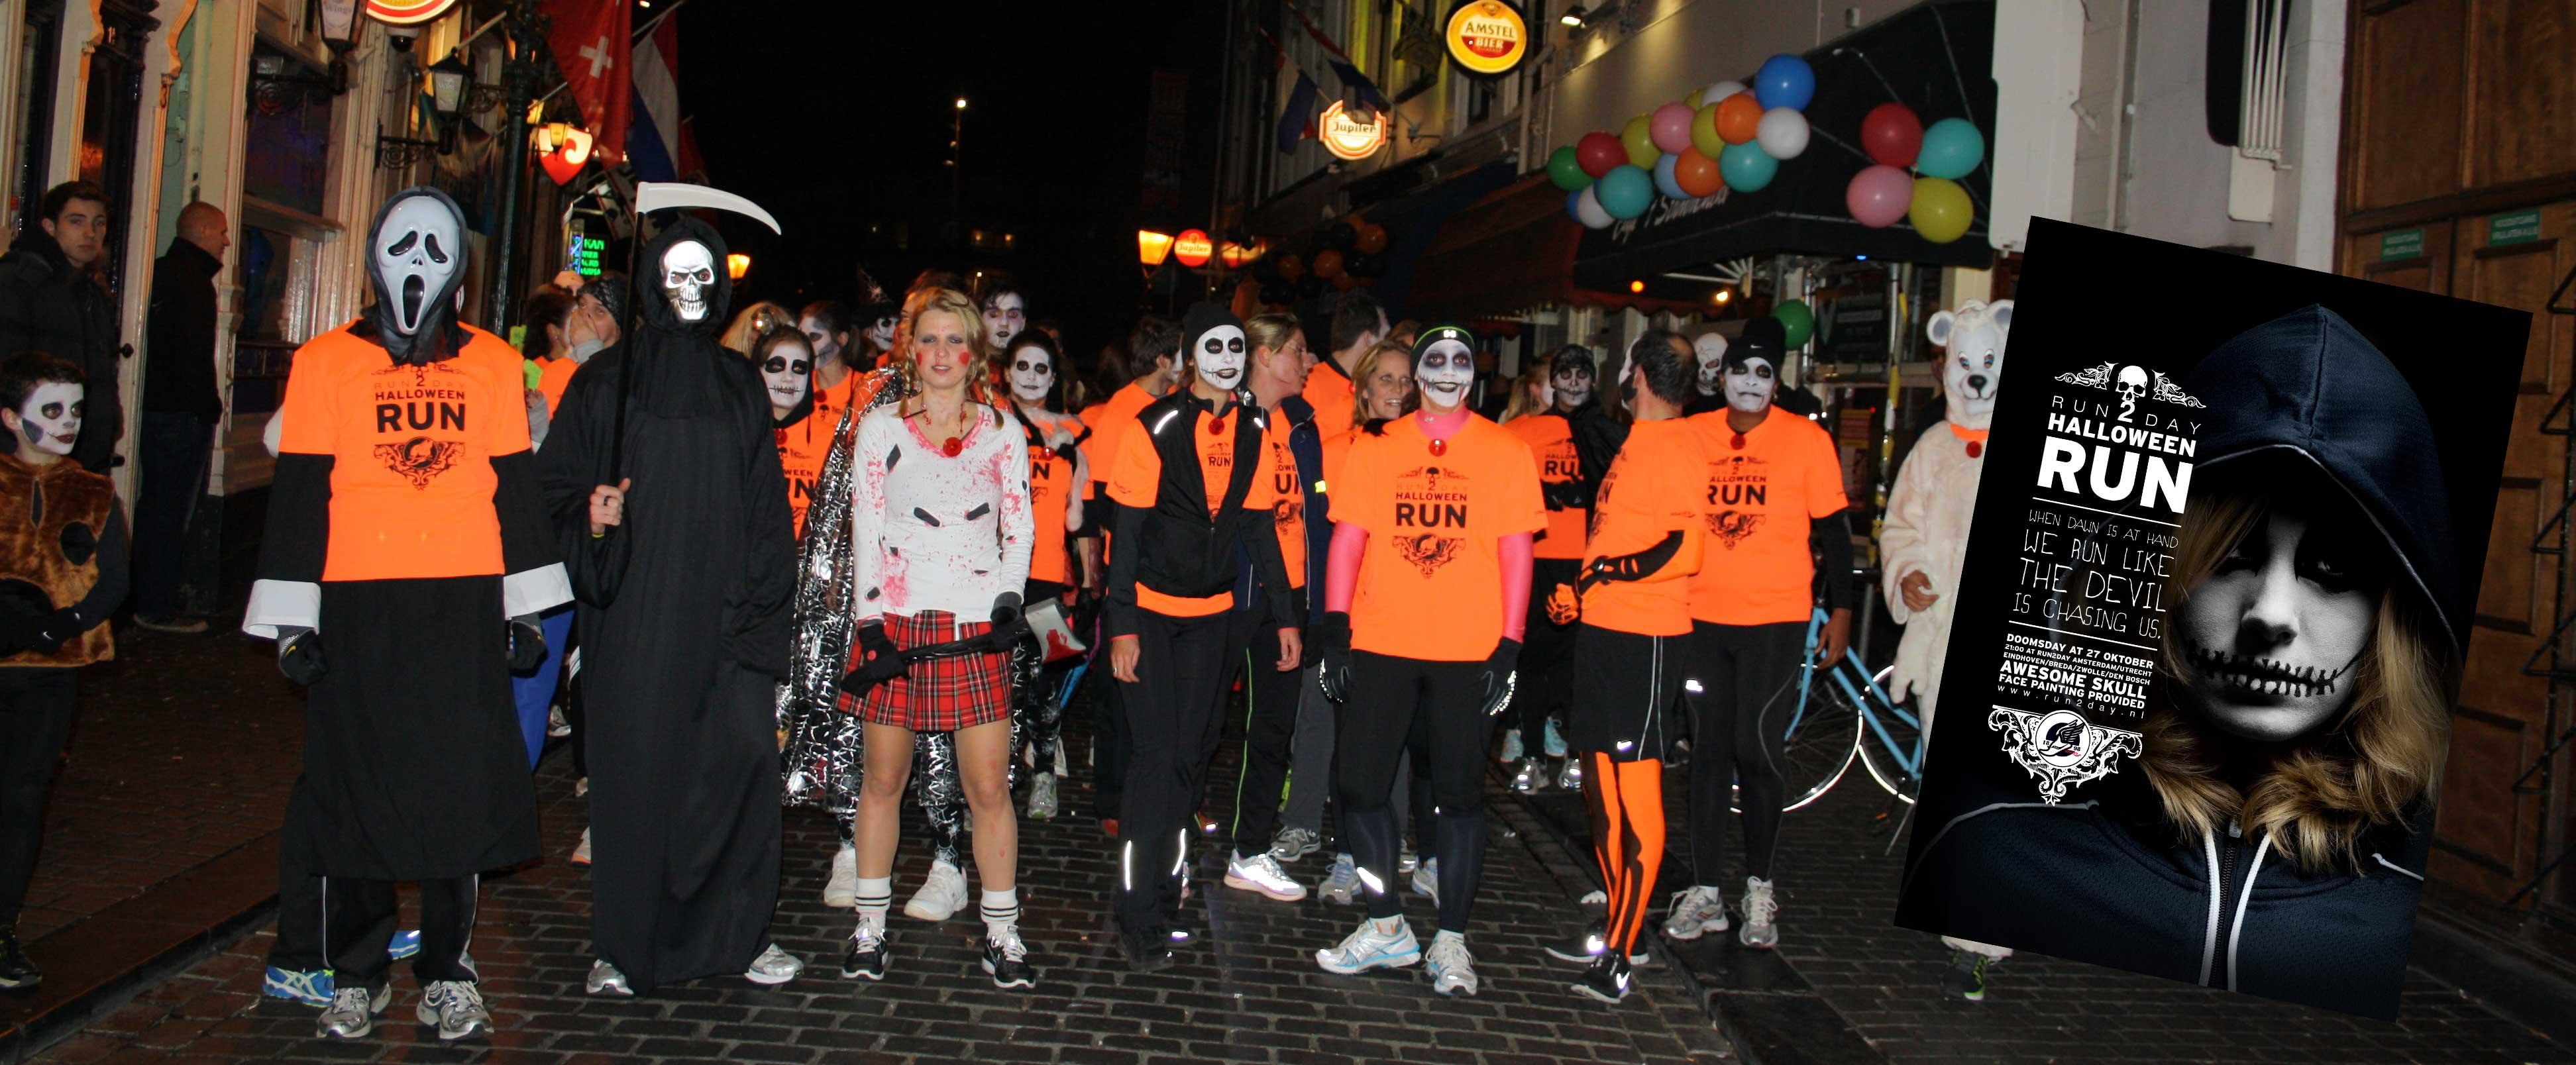 Halloween Party Breda.1e Halloween Run In Breda Groot Succes Run2day Breda